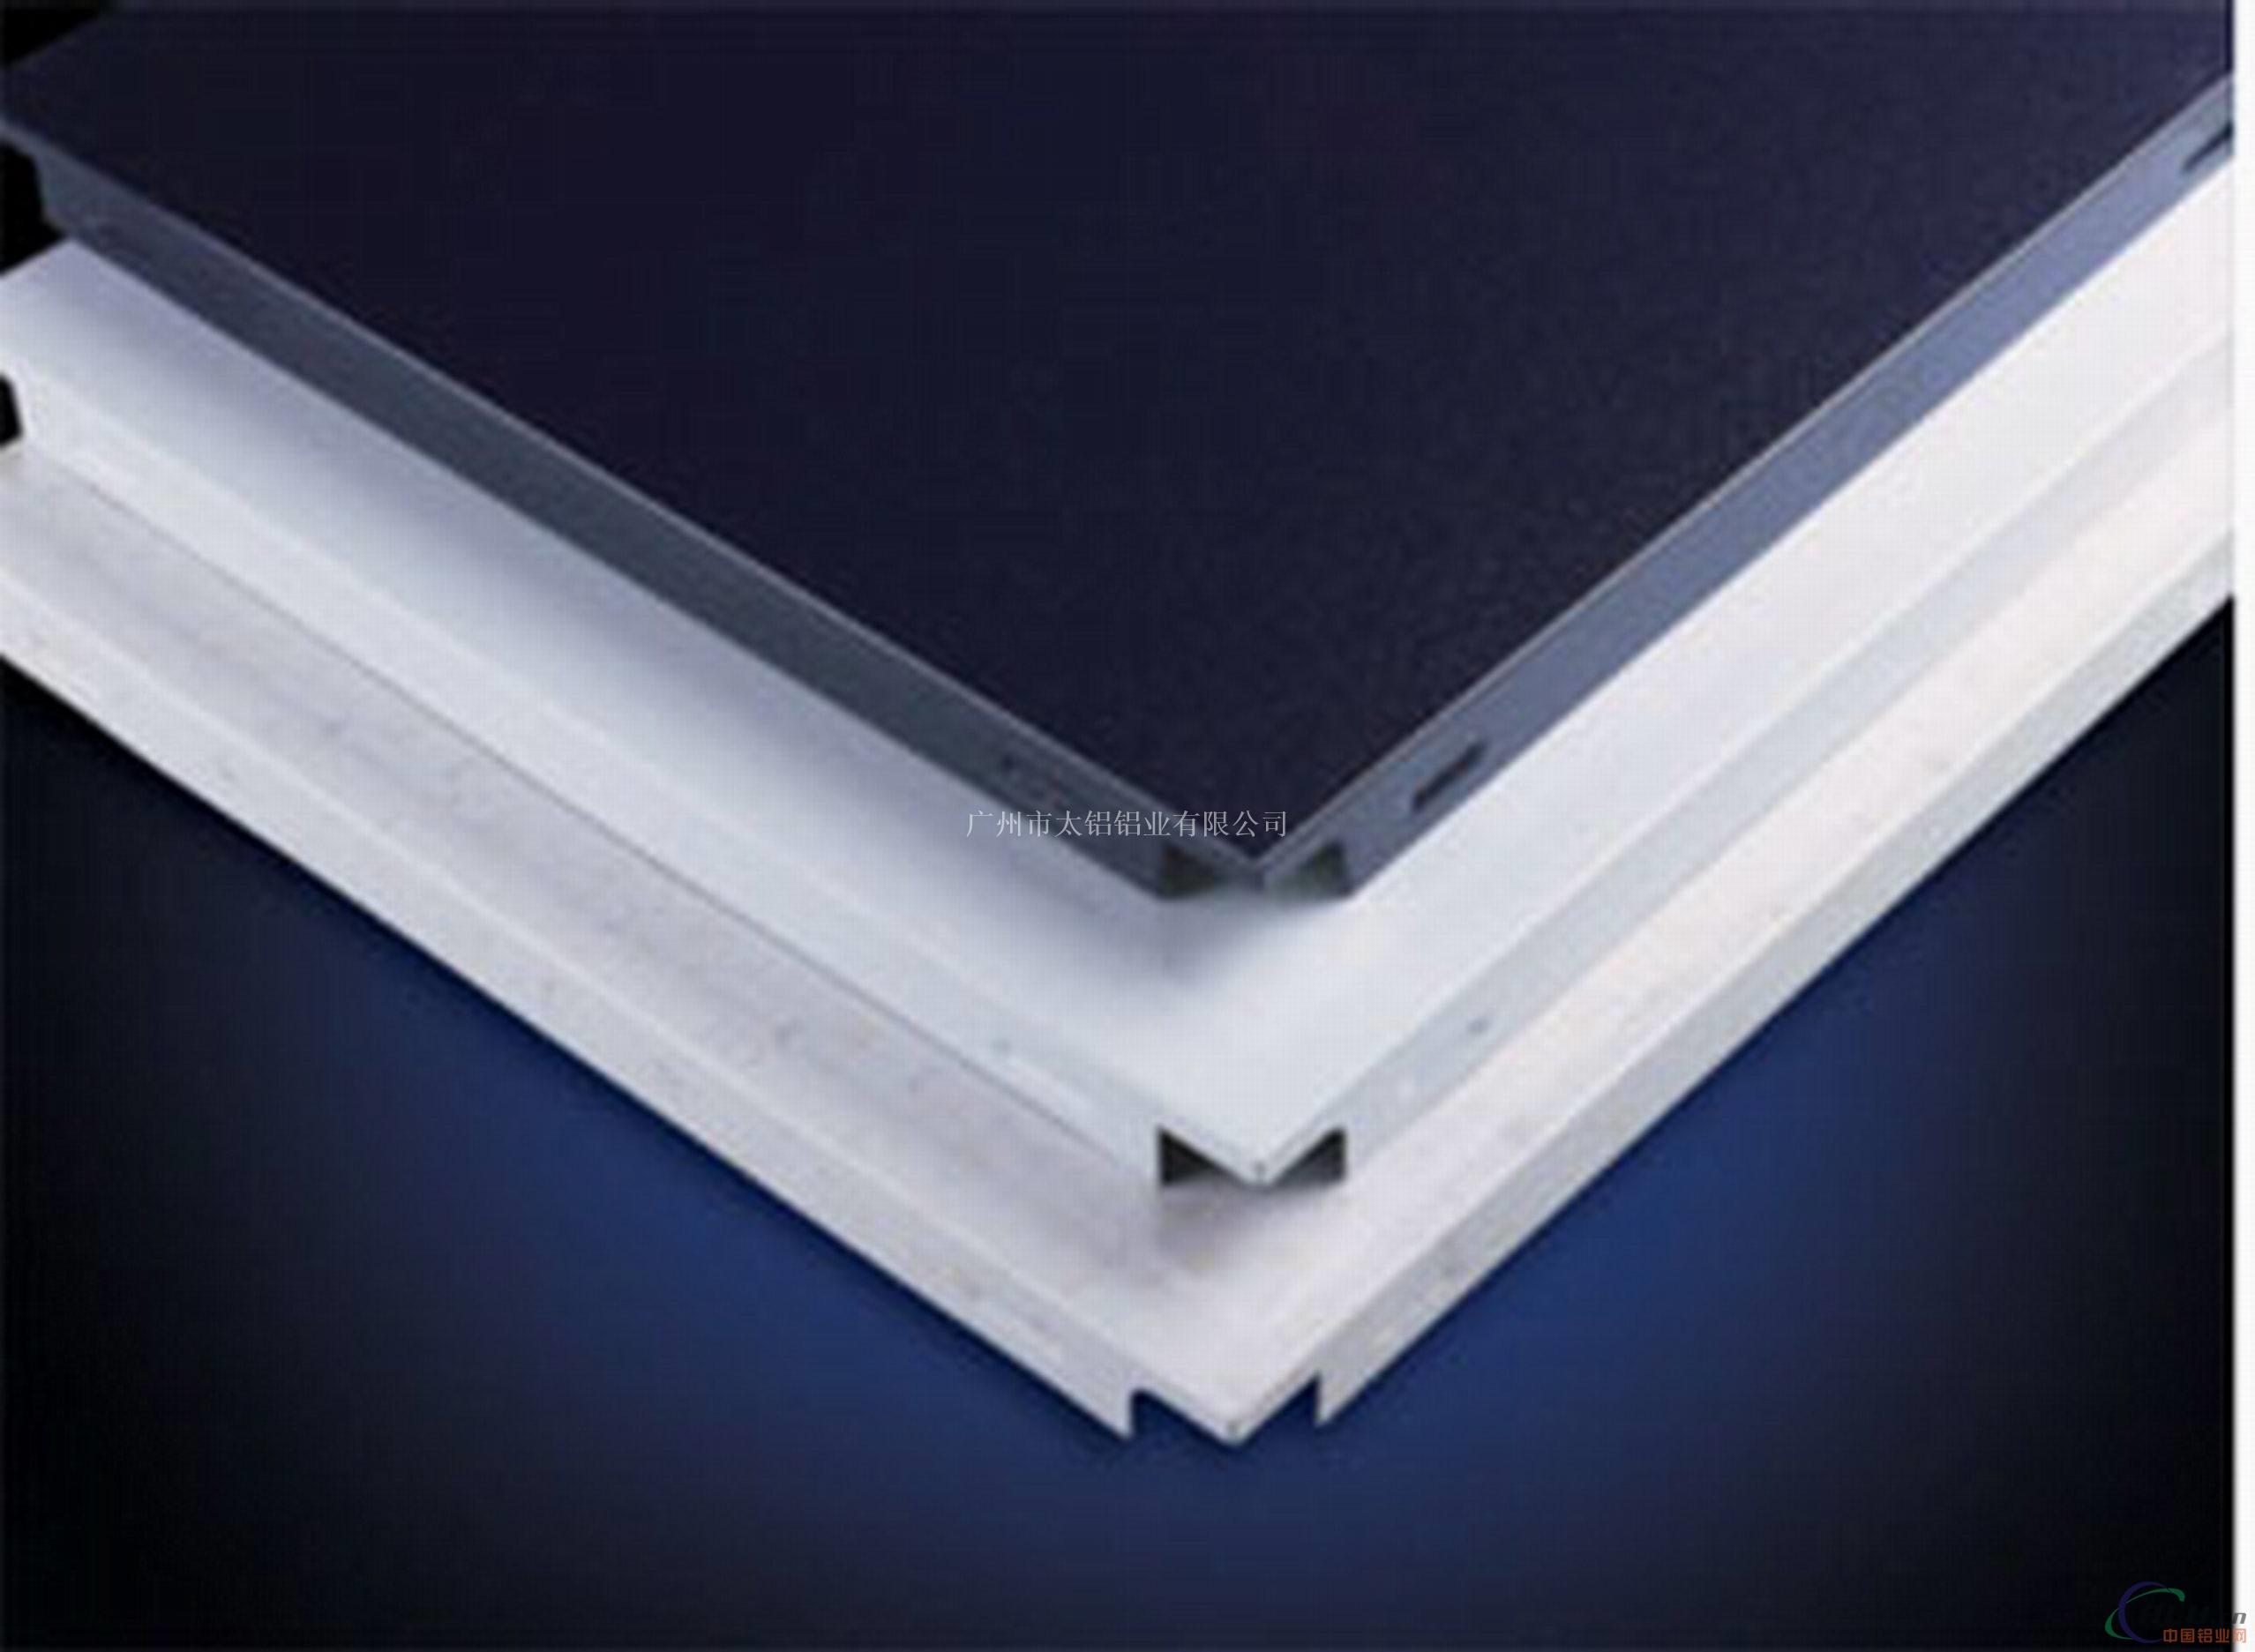 畅销产品吊顶铝扣板生产直销 广州太铝铝业,专业生产铝扣板,天花吊顶铝扣板安装、铝扣板、工程铝方板! 【铝扣板】基本说明 太铝-铝扣板选用优质原生铝合金为原材料,加以表面工艺处理,进而冲压成型。是国际上流行的新型室内装饰产品。它解决了传统吊顶材料存在的许多缺陷,具有:质轻、多彩、吸音、耐火、通风、简便、美观的特点。 太铝铝扣板特点: 1.